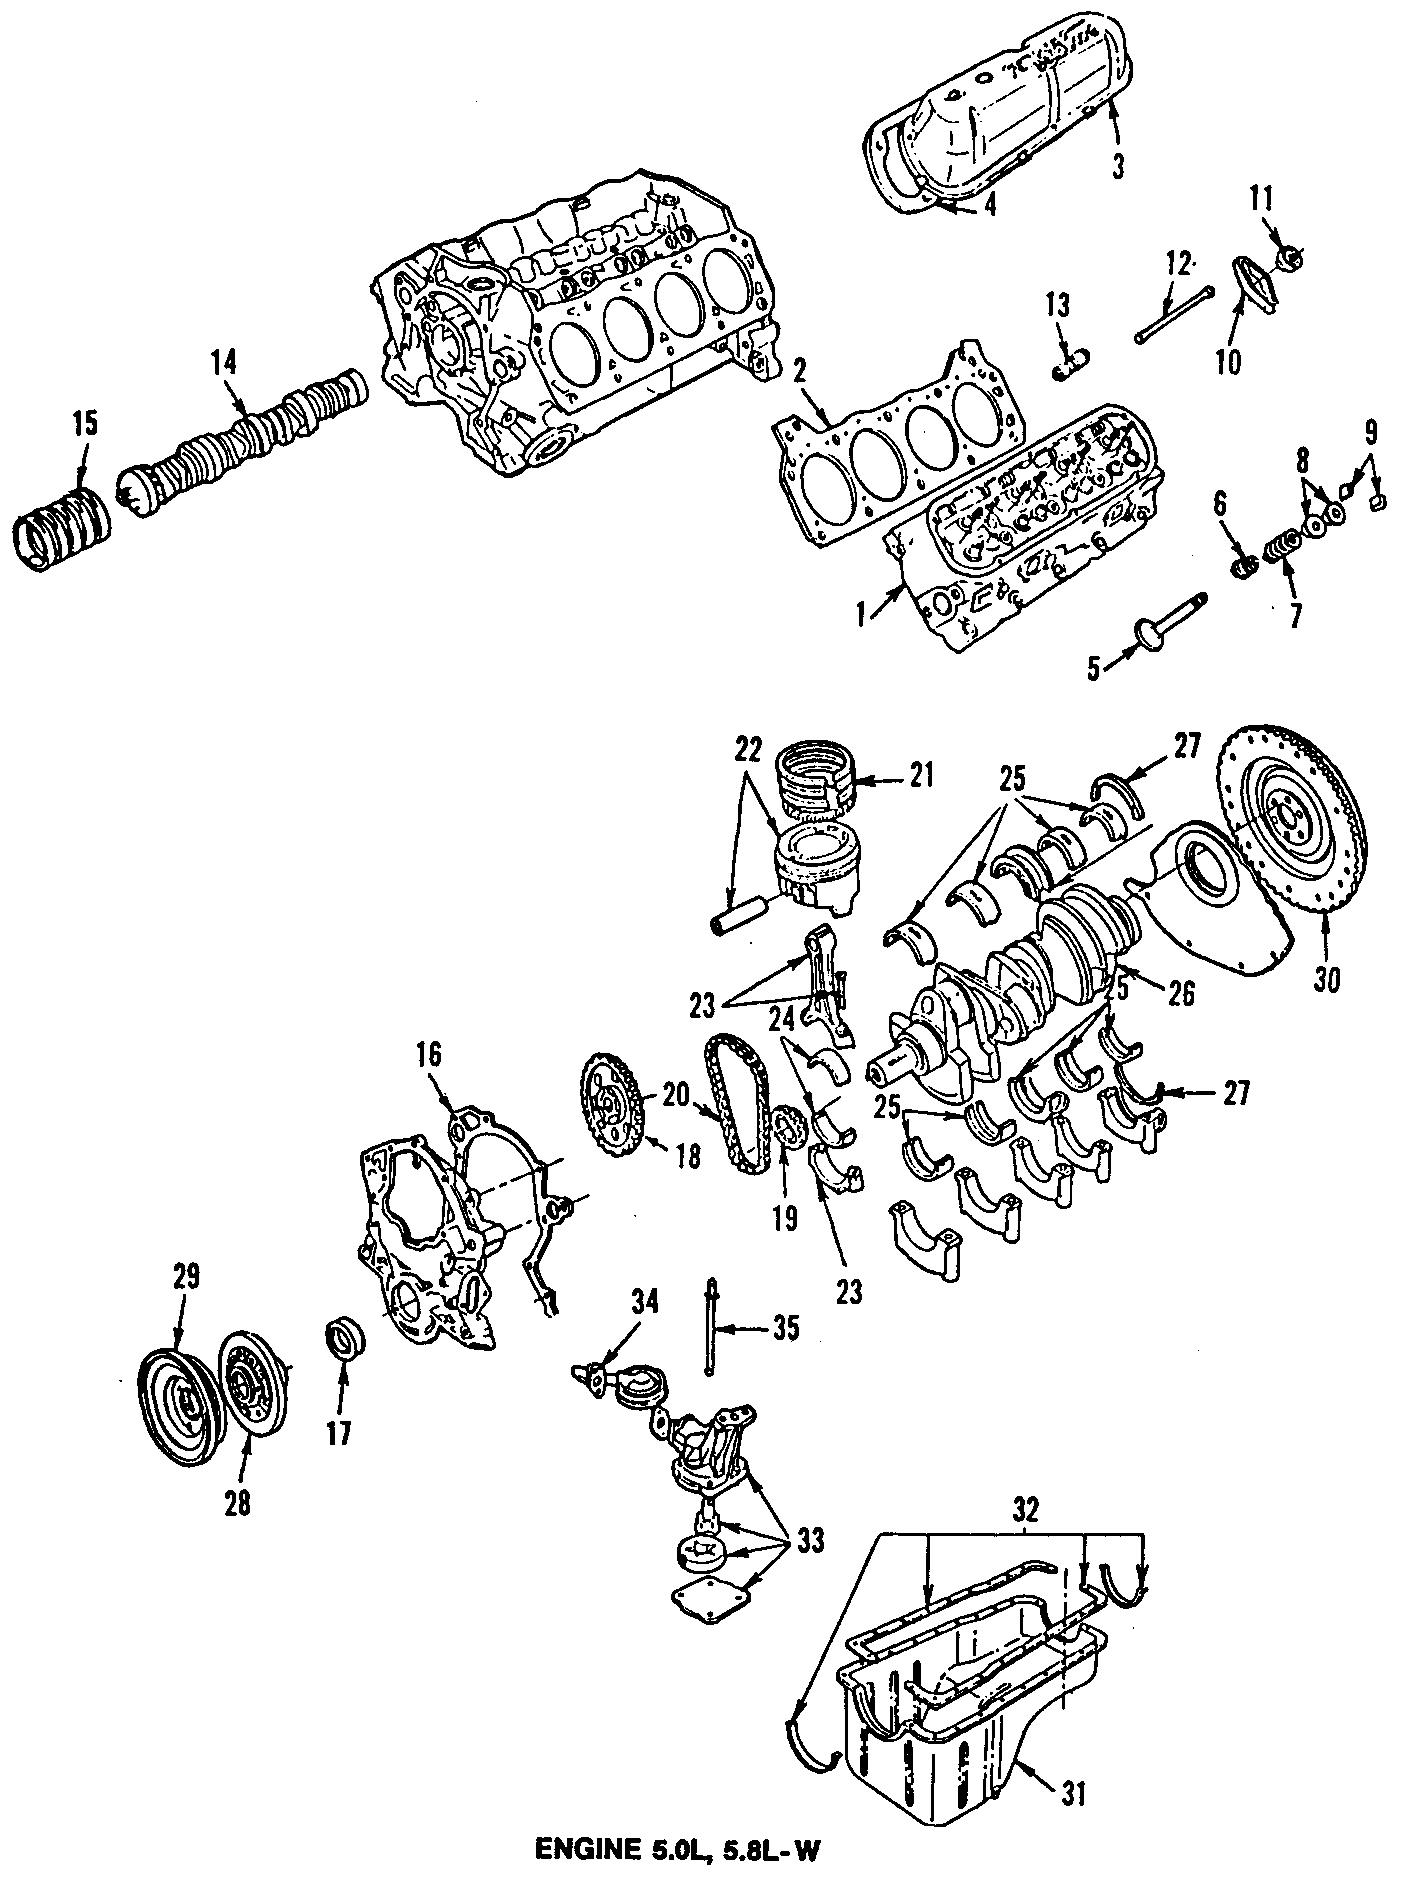 F1tz6v012brm